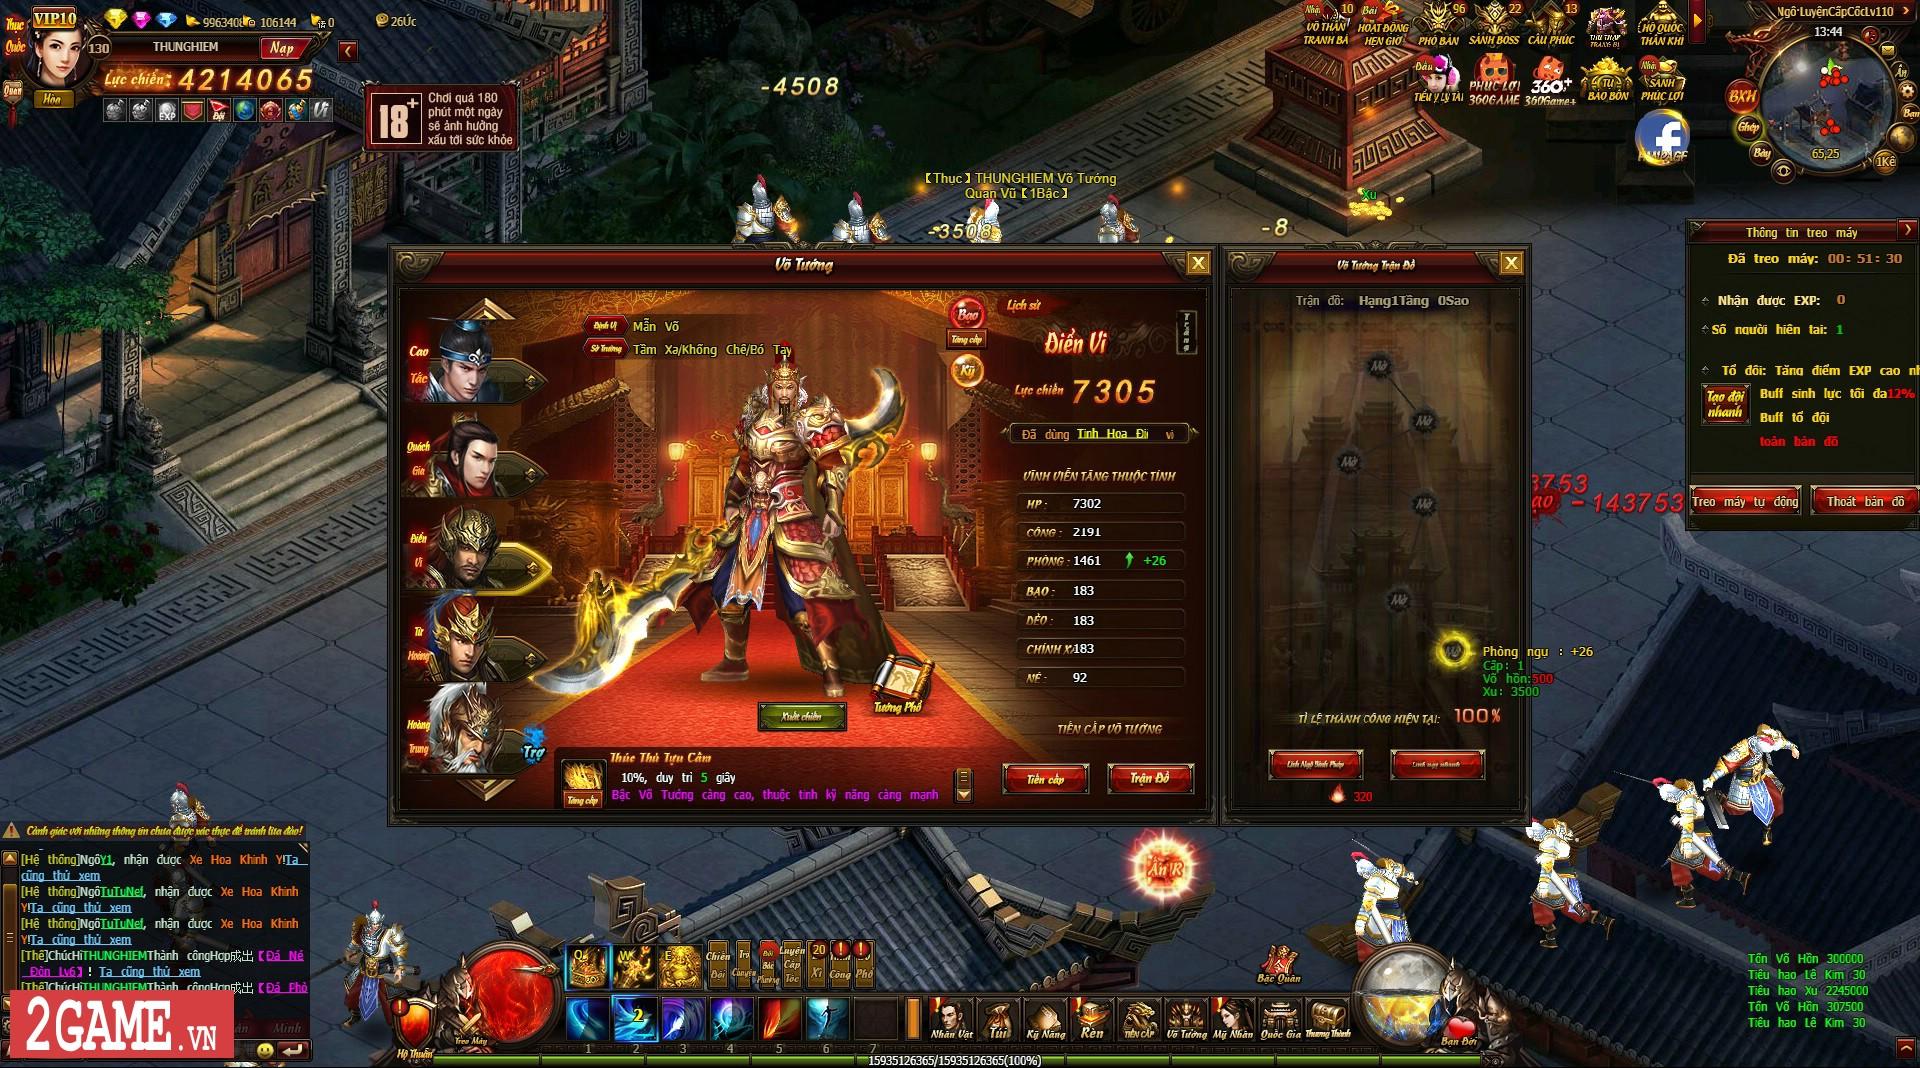 Webgame Võ Thần PK ấn định ngày mở game 5